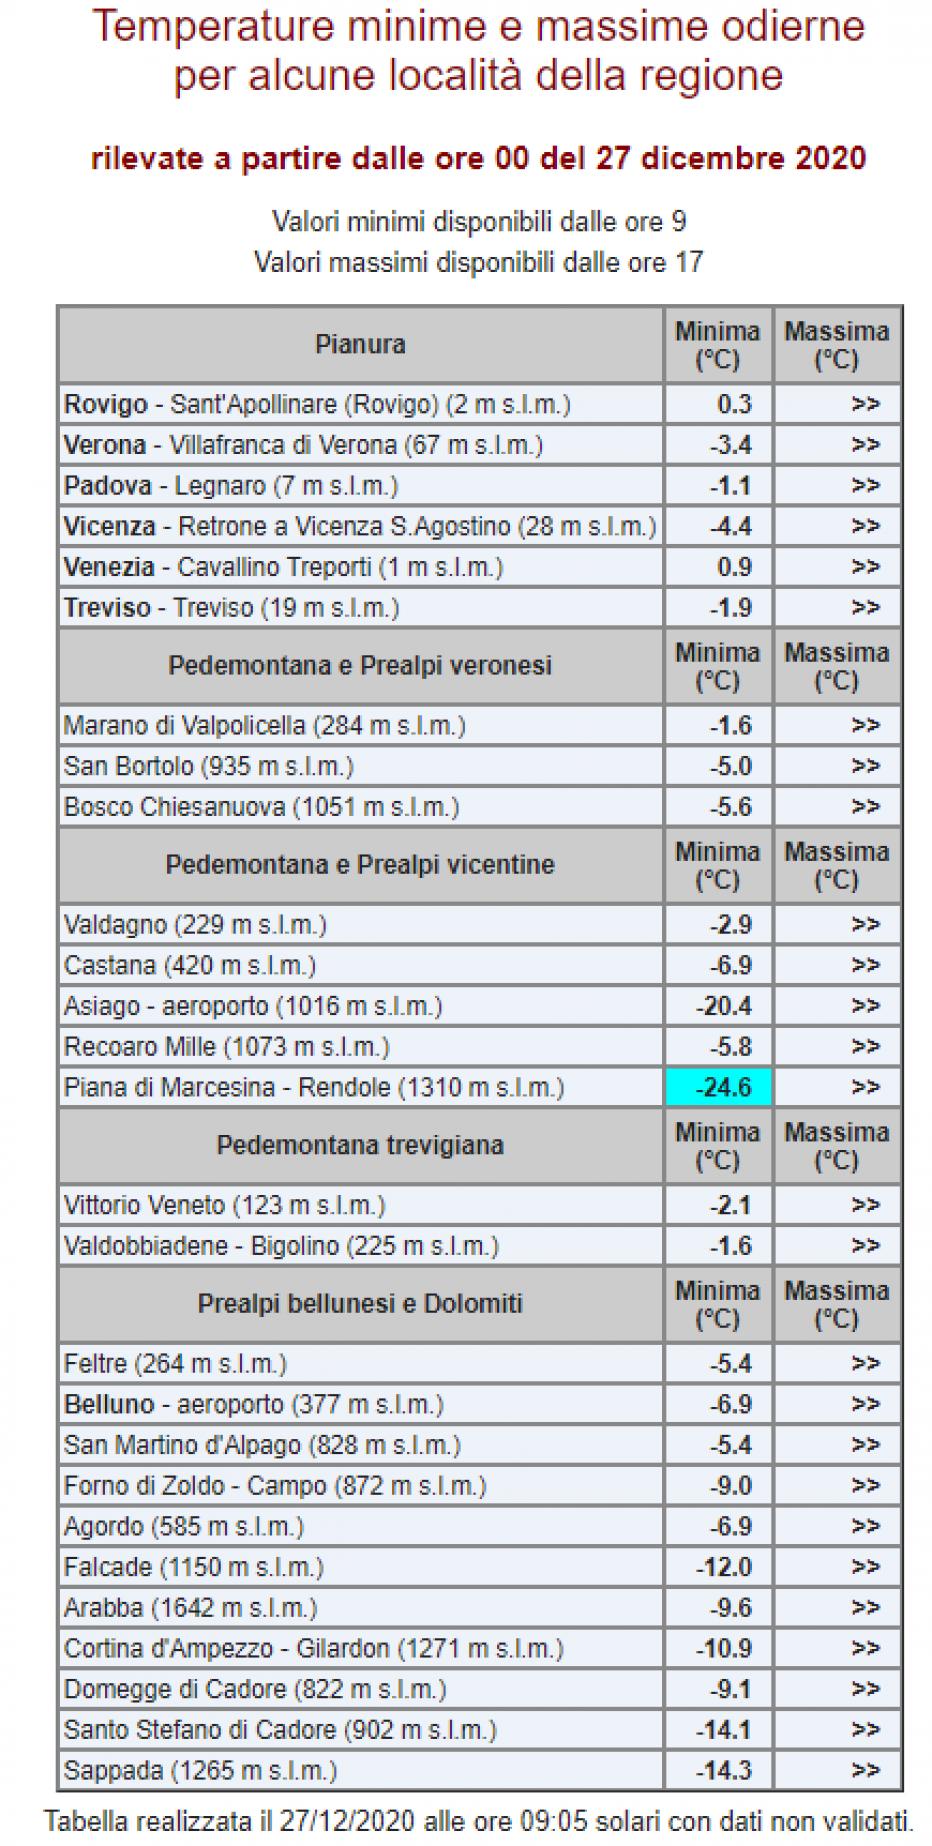 Temperature minime della scorsa notte nelle località normalmente più fredde del Veneto